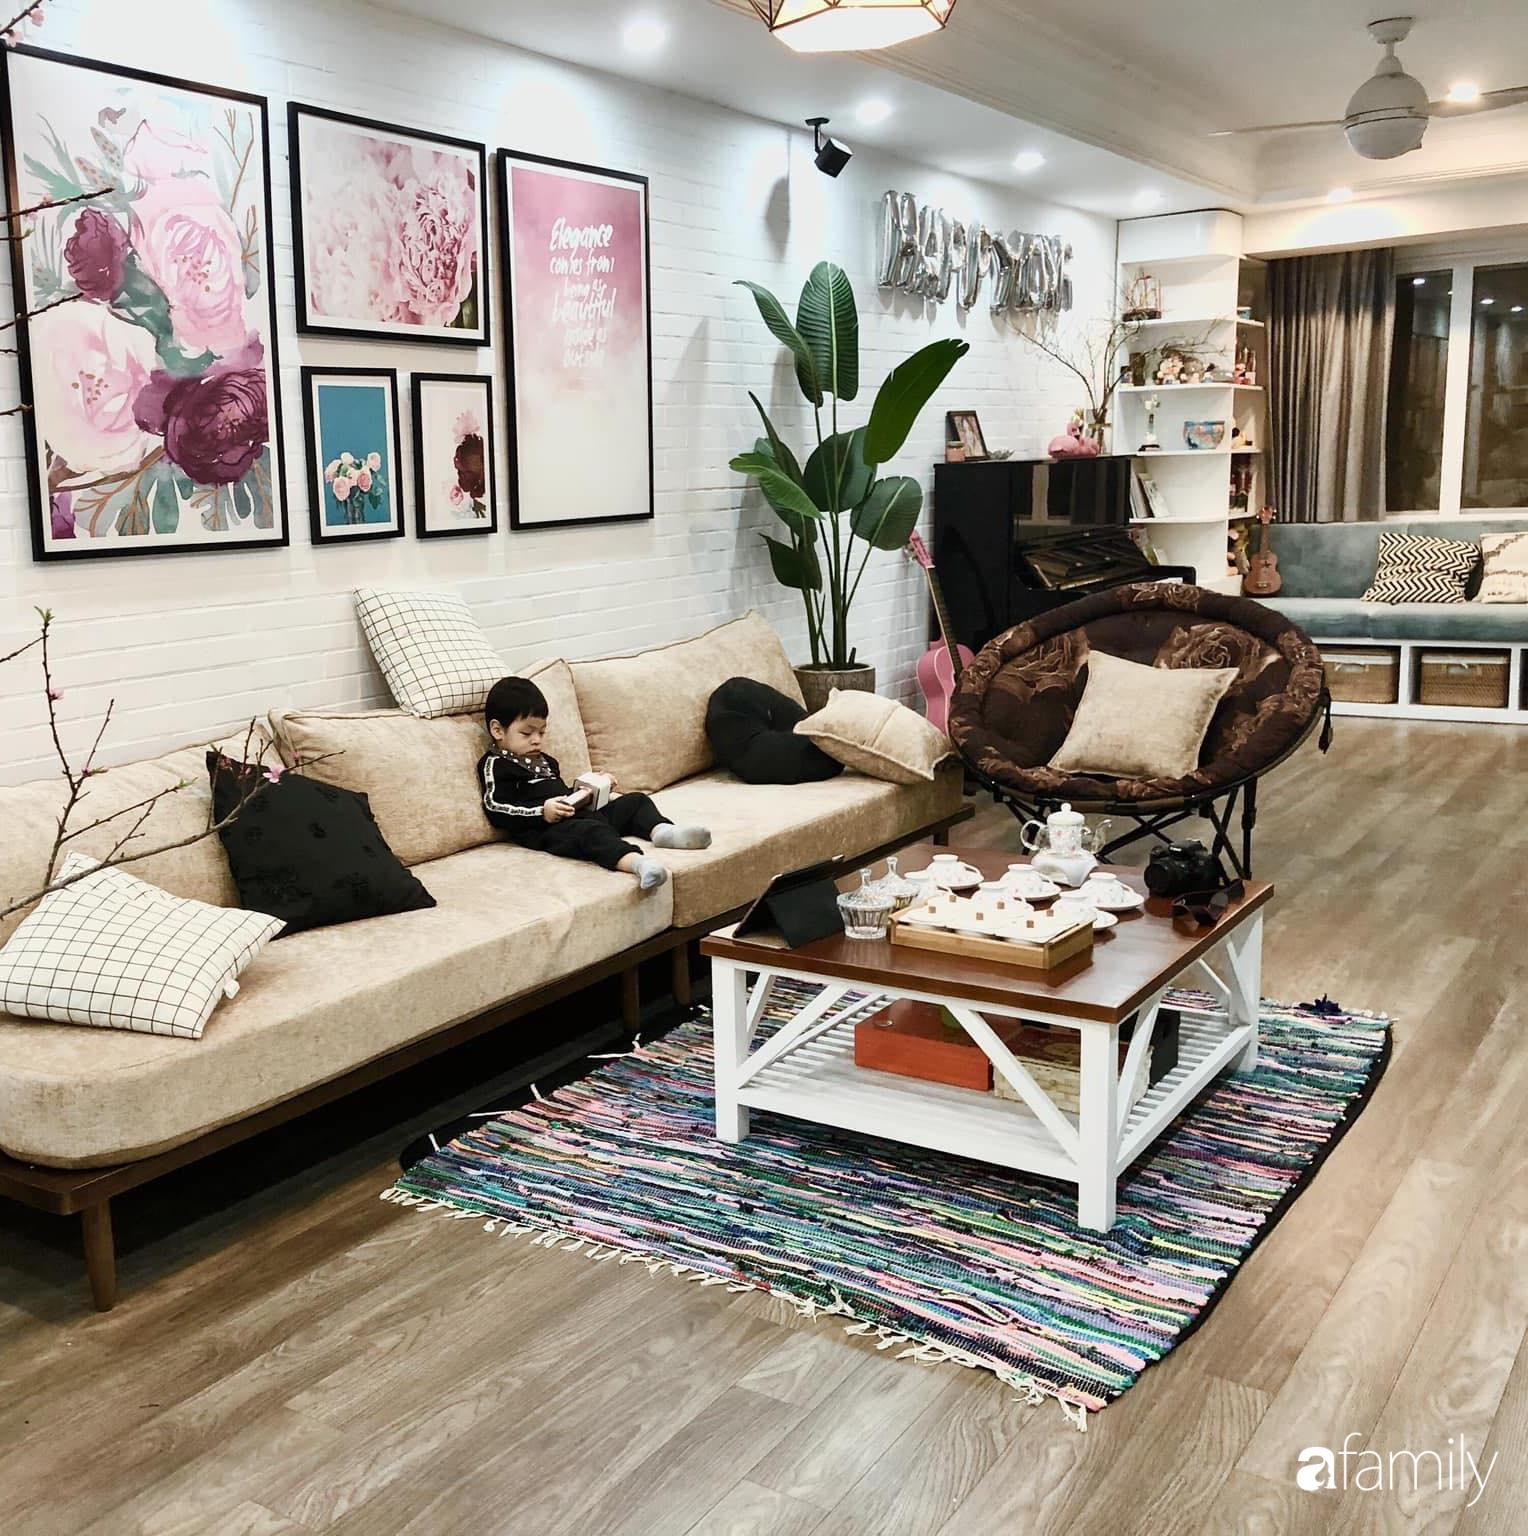 Căn hộ 145m² được décor ấn tượng với tranh ảnh treo tường vừa tiết kiệm vừa  đẹp bất ngờ | Báo dân sinh